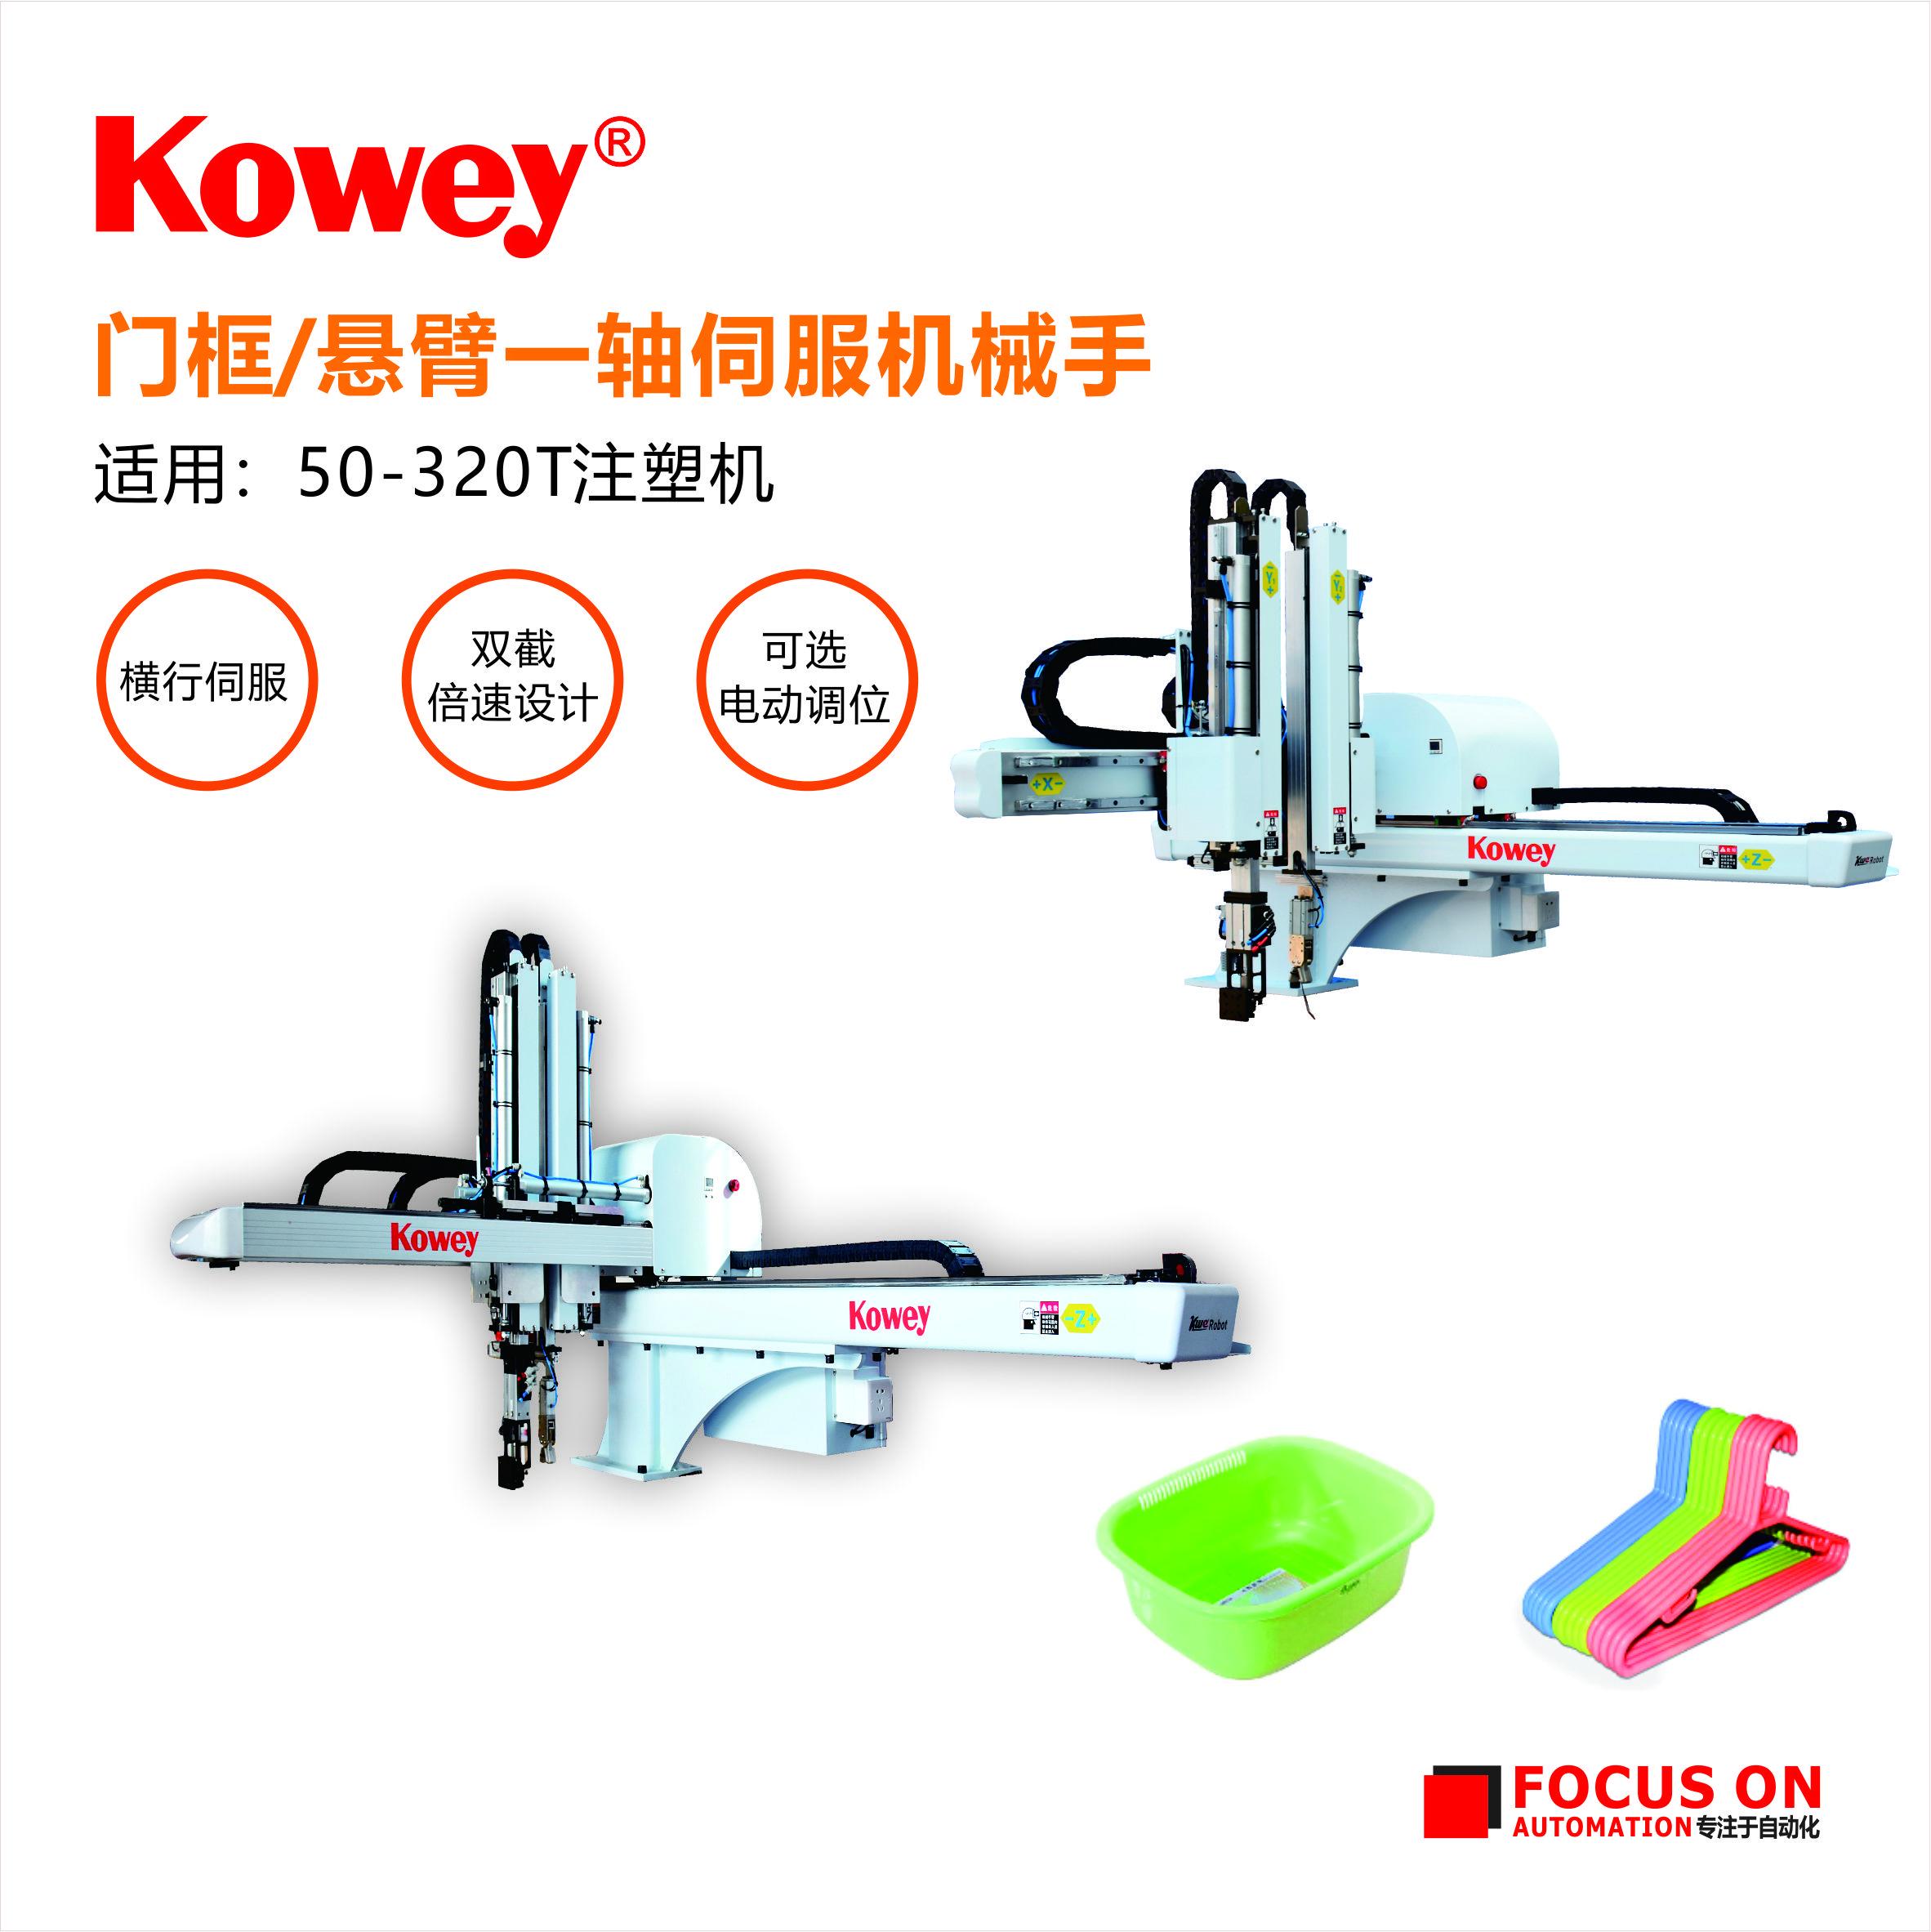 注塑机械手-一轴伺服机械手-双臂机械手-模内镶嵌机械手